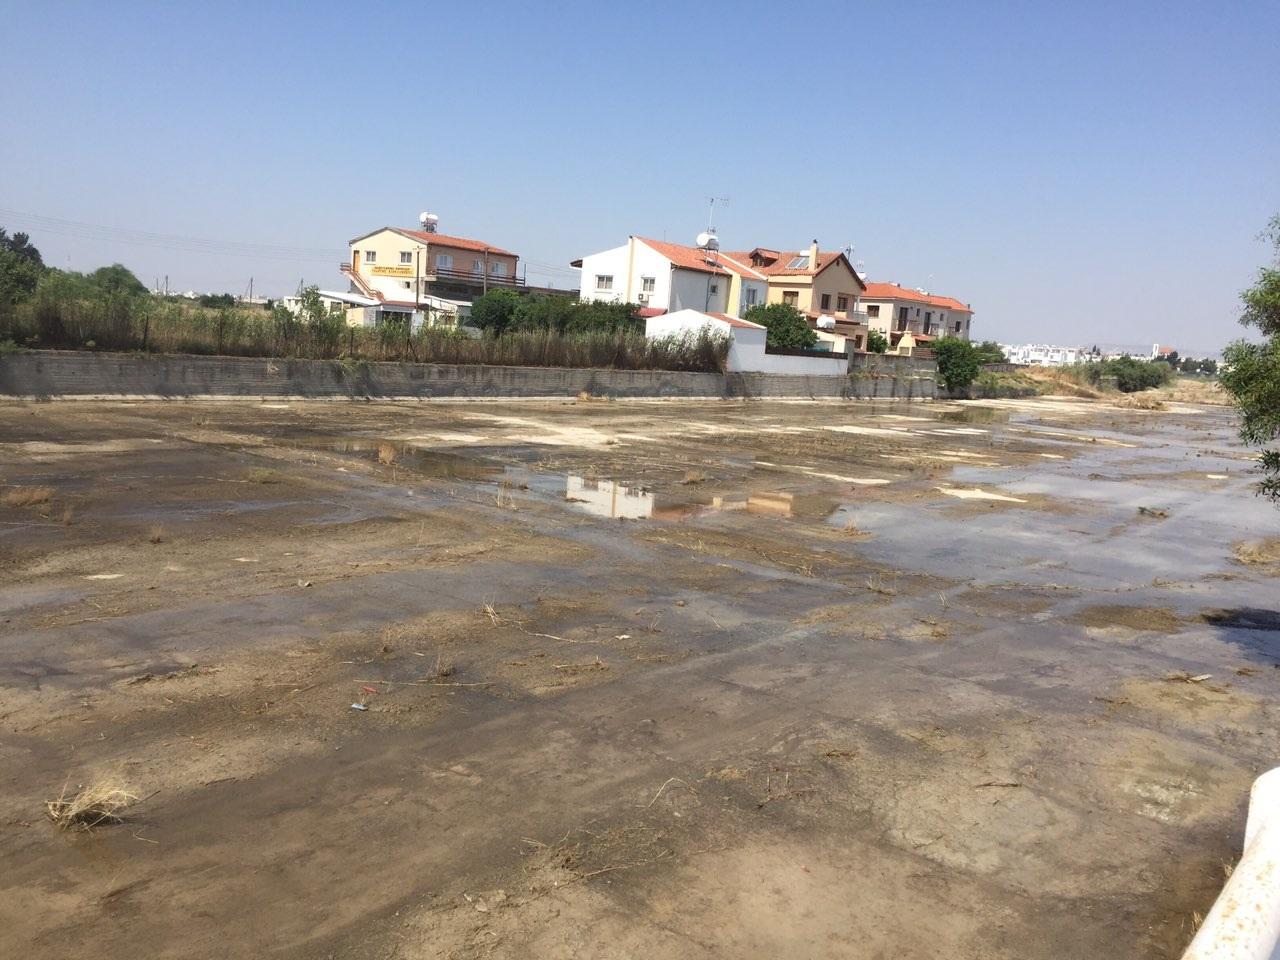 Ανασκουμπώθηκαν οι αρμόδιες υπηρεσίες μετά το ρεπορτάζ μας και καθάρισαν τον ποταμό των Λιβαδιών!